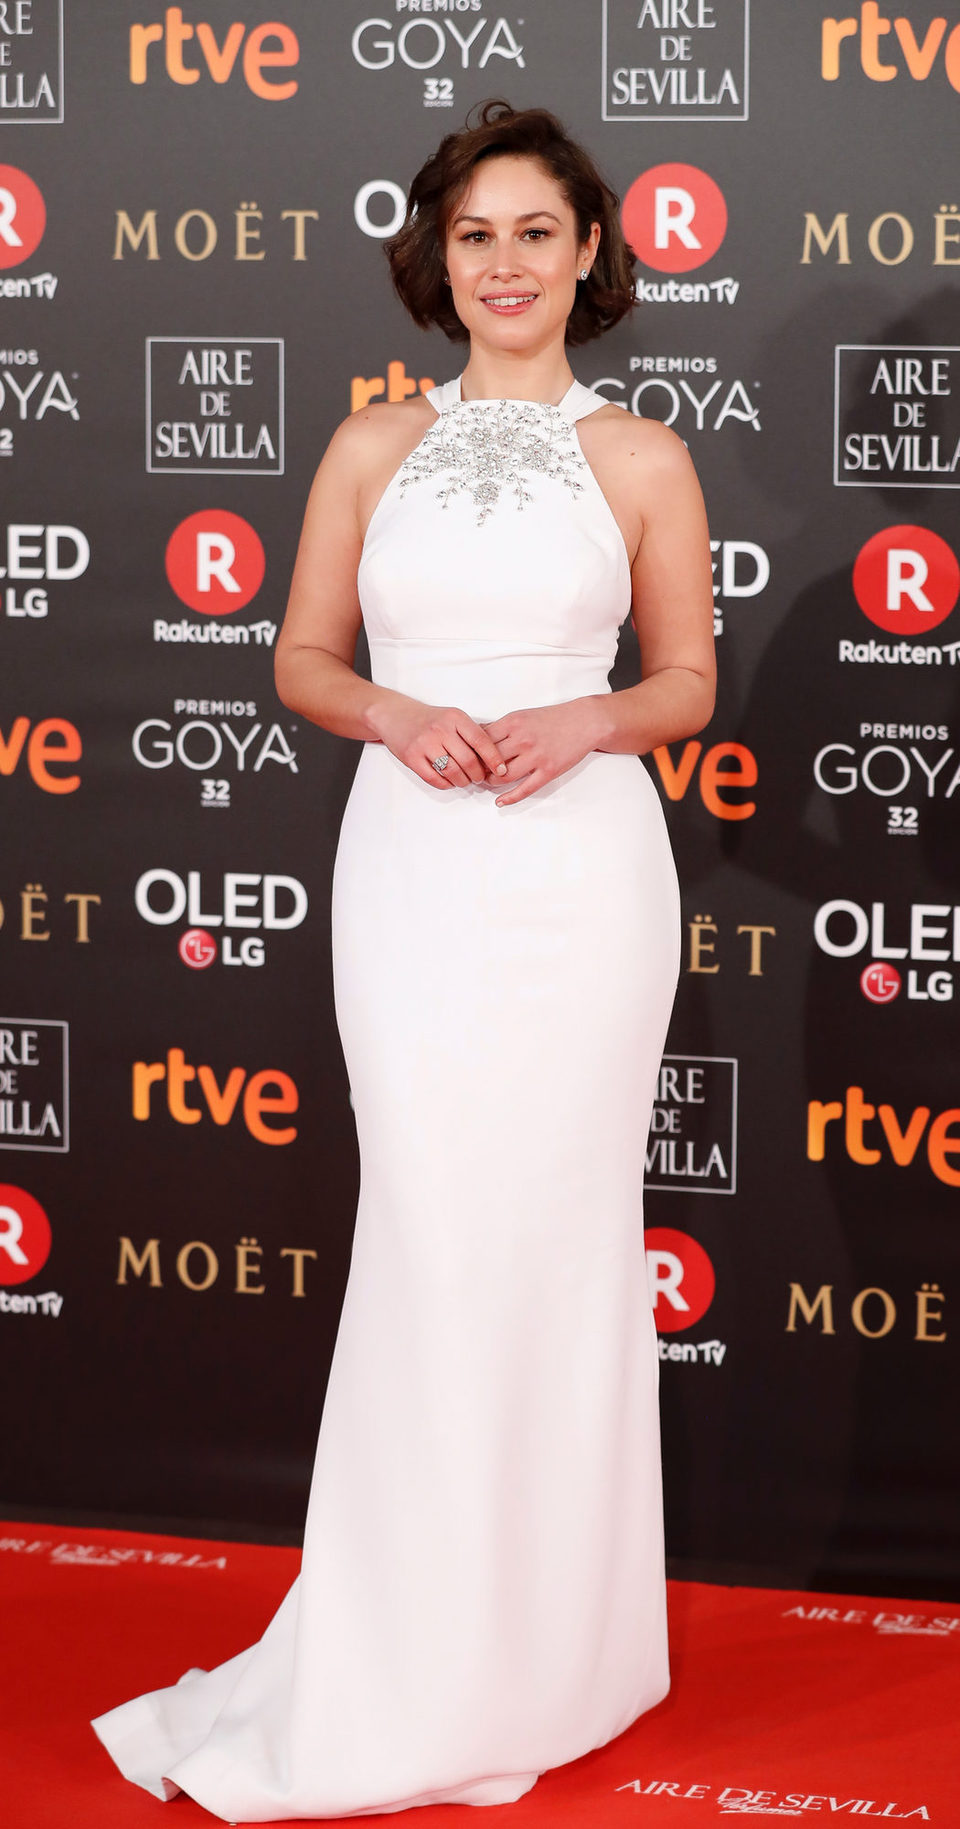 Aida Folch en la alfombra roja de los Premios Goya 2018